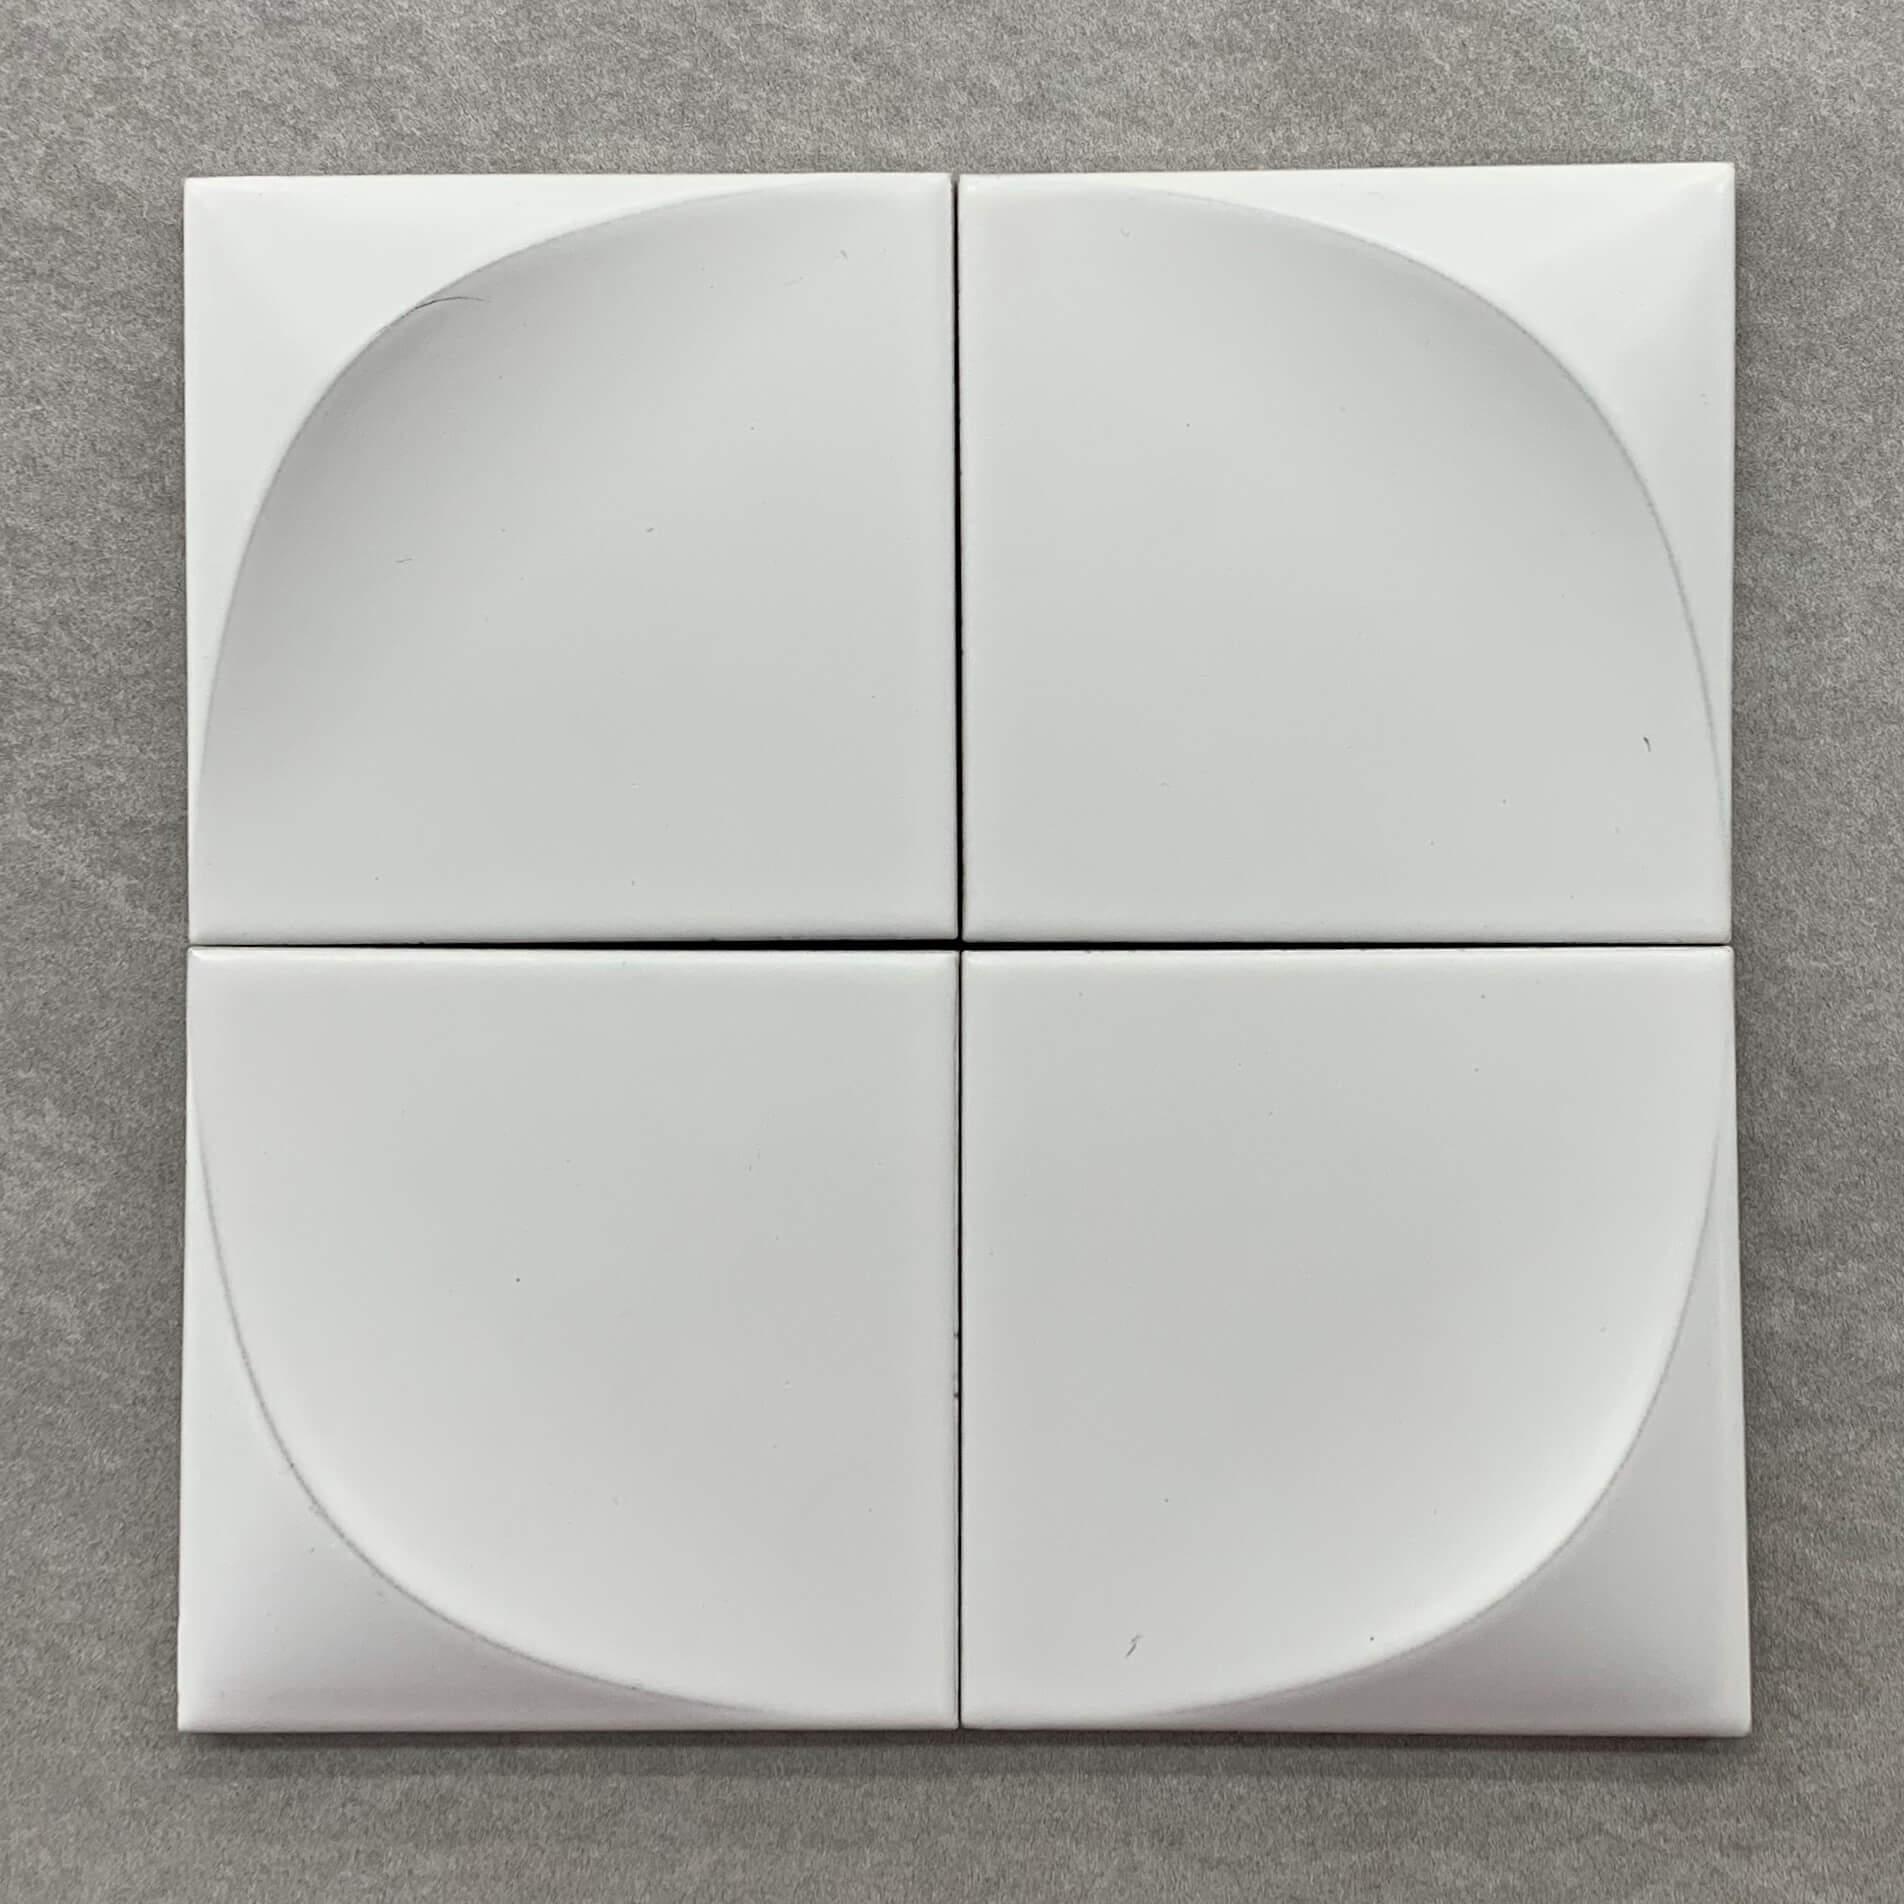 3D Effect White Matt Glazed Cushion Edge Porcelain Tile 3114